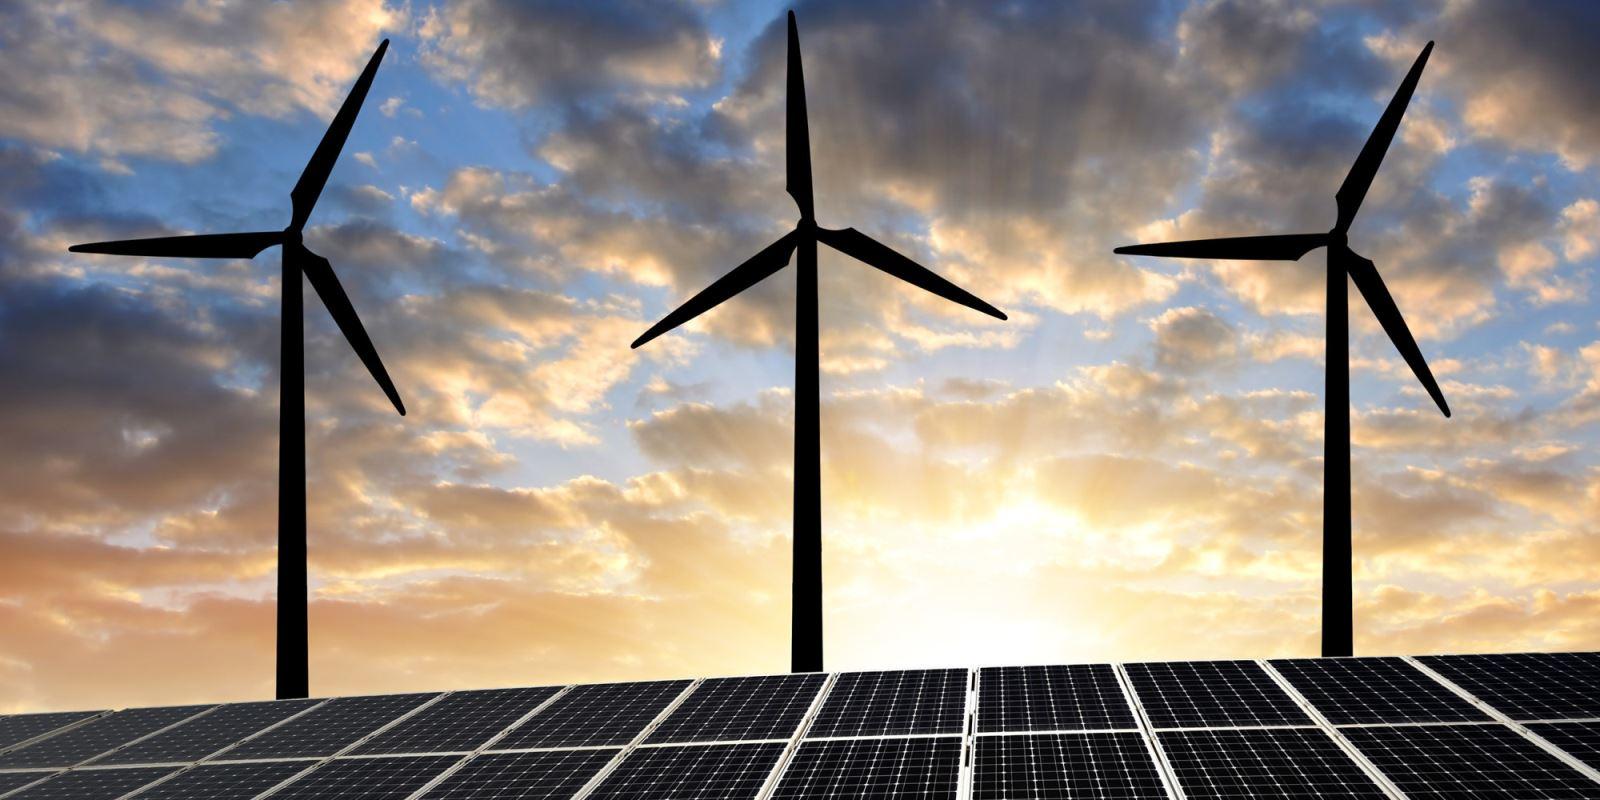 美媒:中欧致力开发可再生能源 已成世界最佳代表